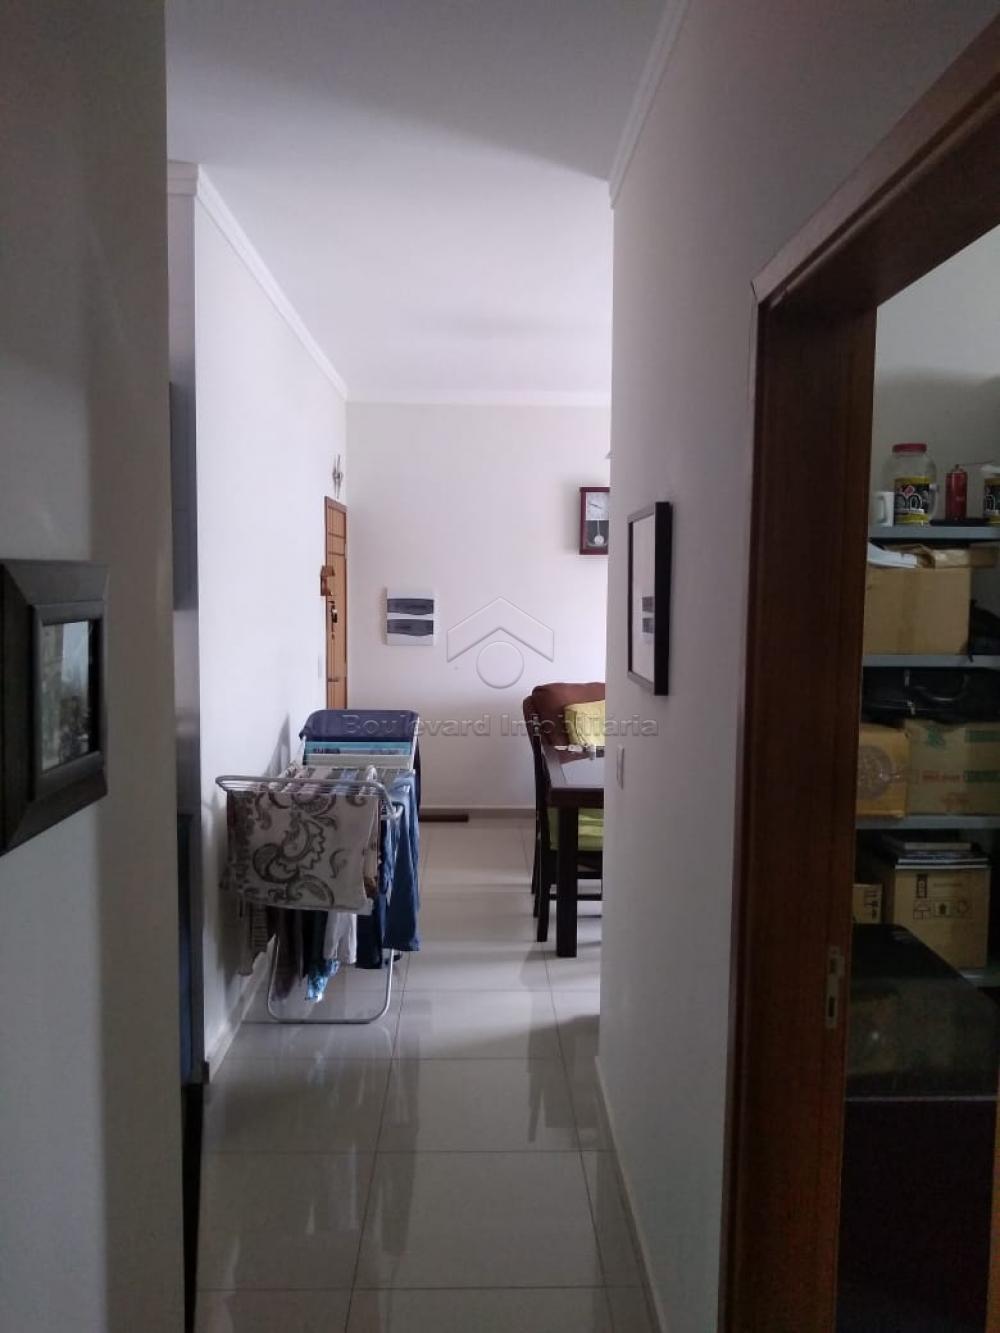 Comprar Apartamento / Padrão em Ribeirão Preto R$ 257.000,00 - Foto 5